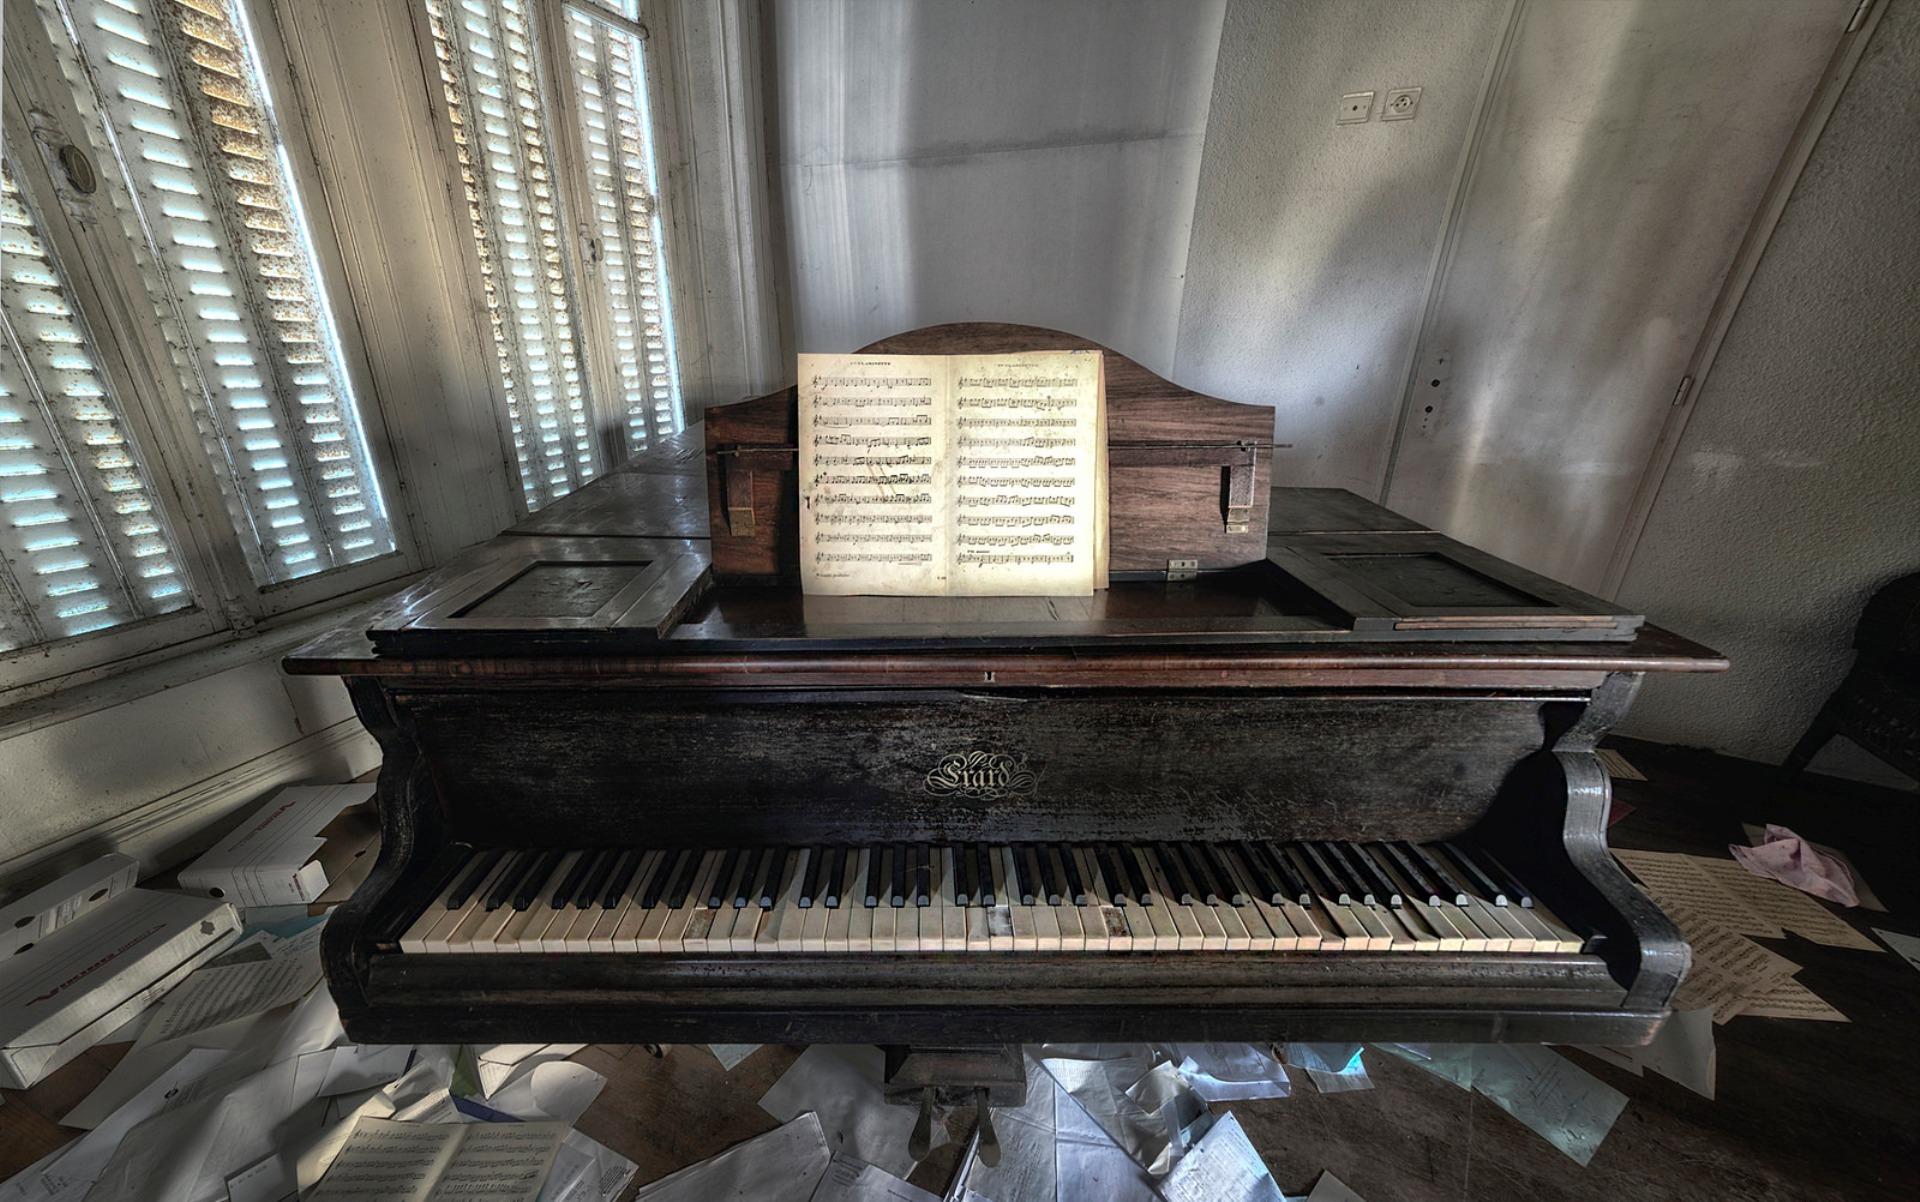 картинки на фон пианино героический